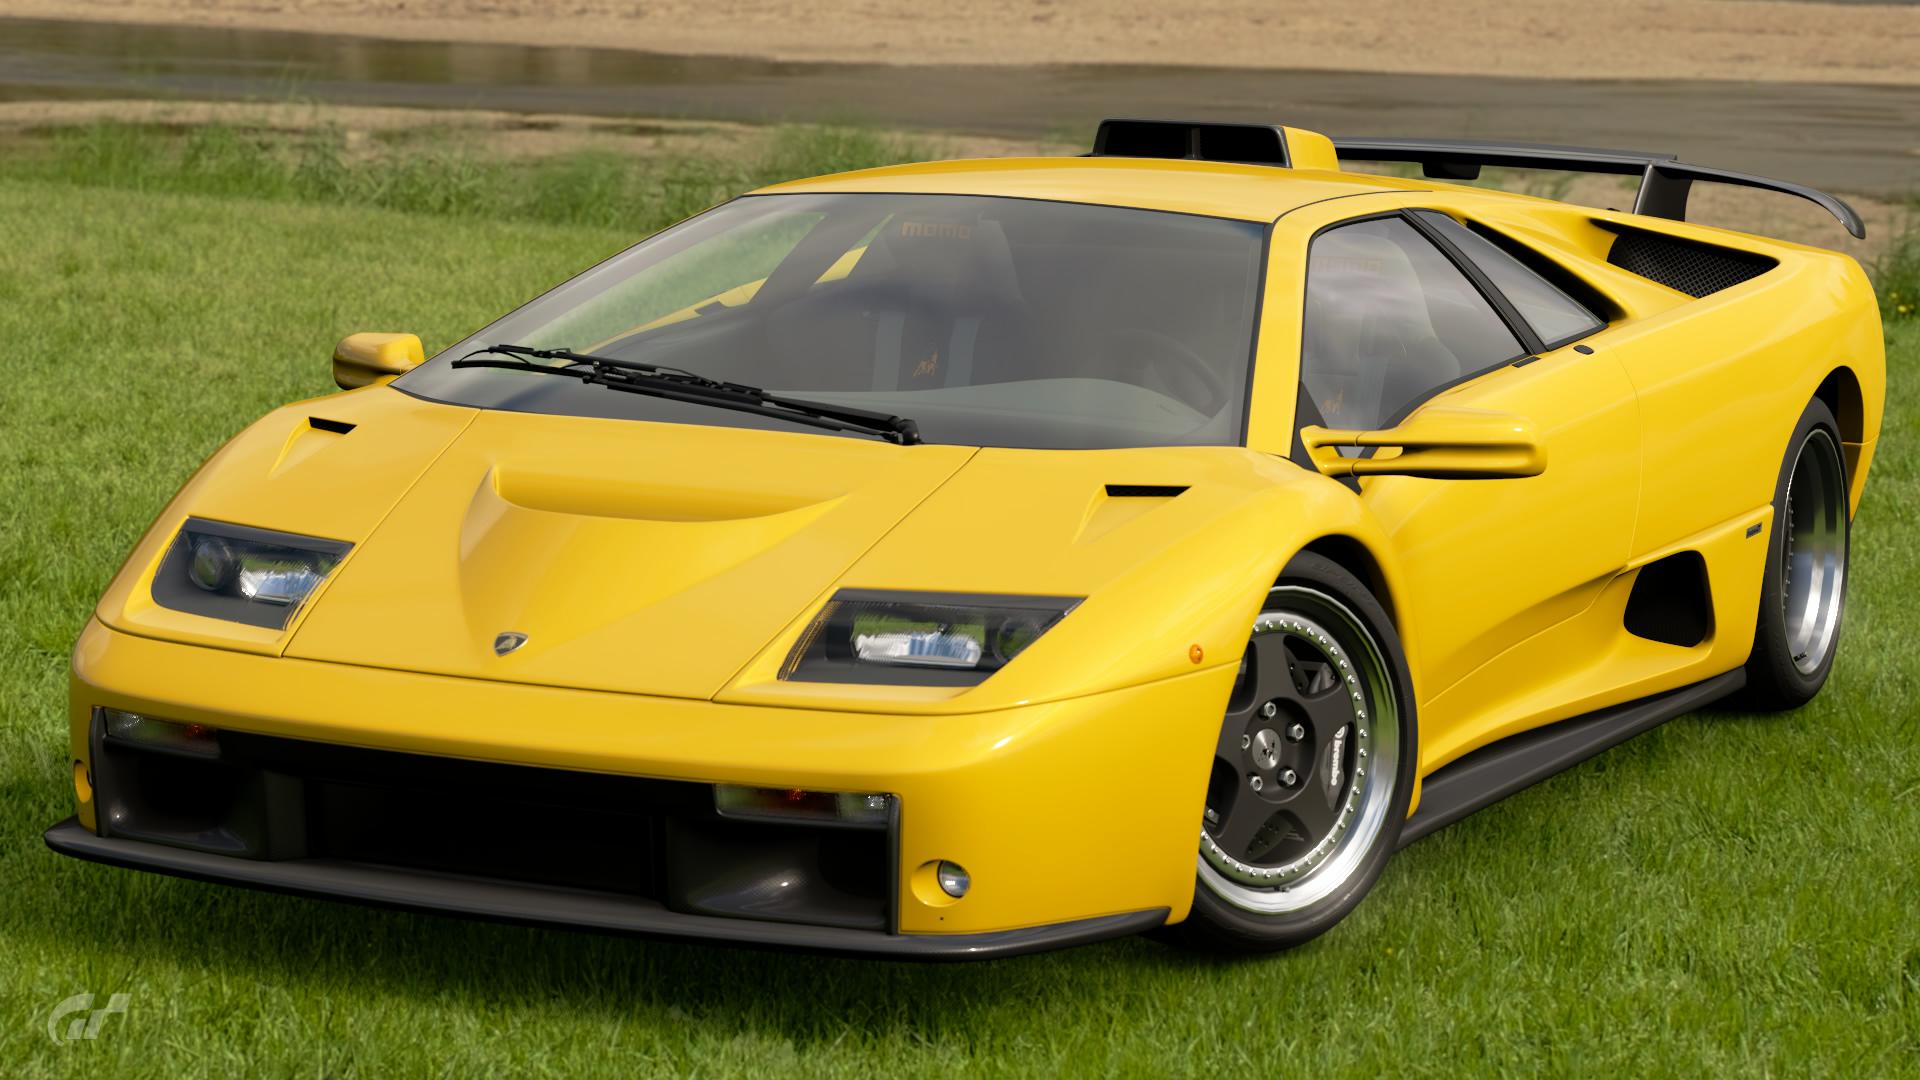 Lamborghini Diablo Gt 00 Gran Turismo Wiki Fandom Powered By Wikia